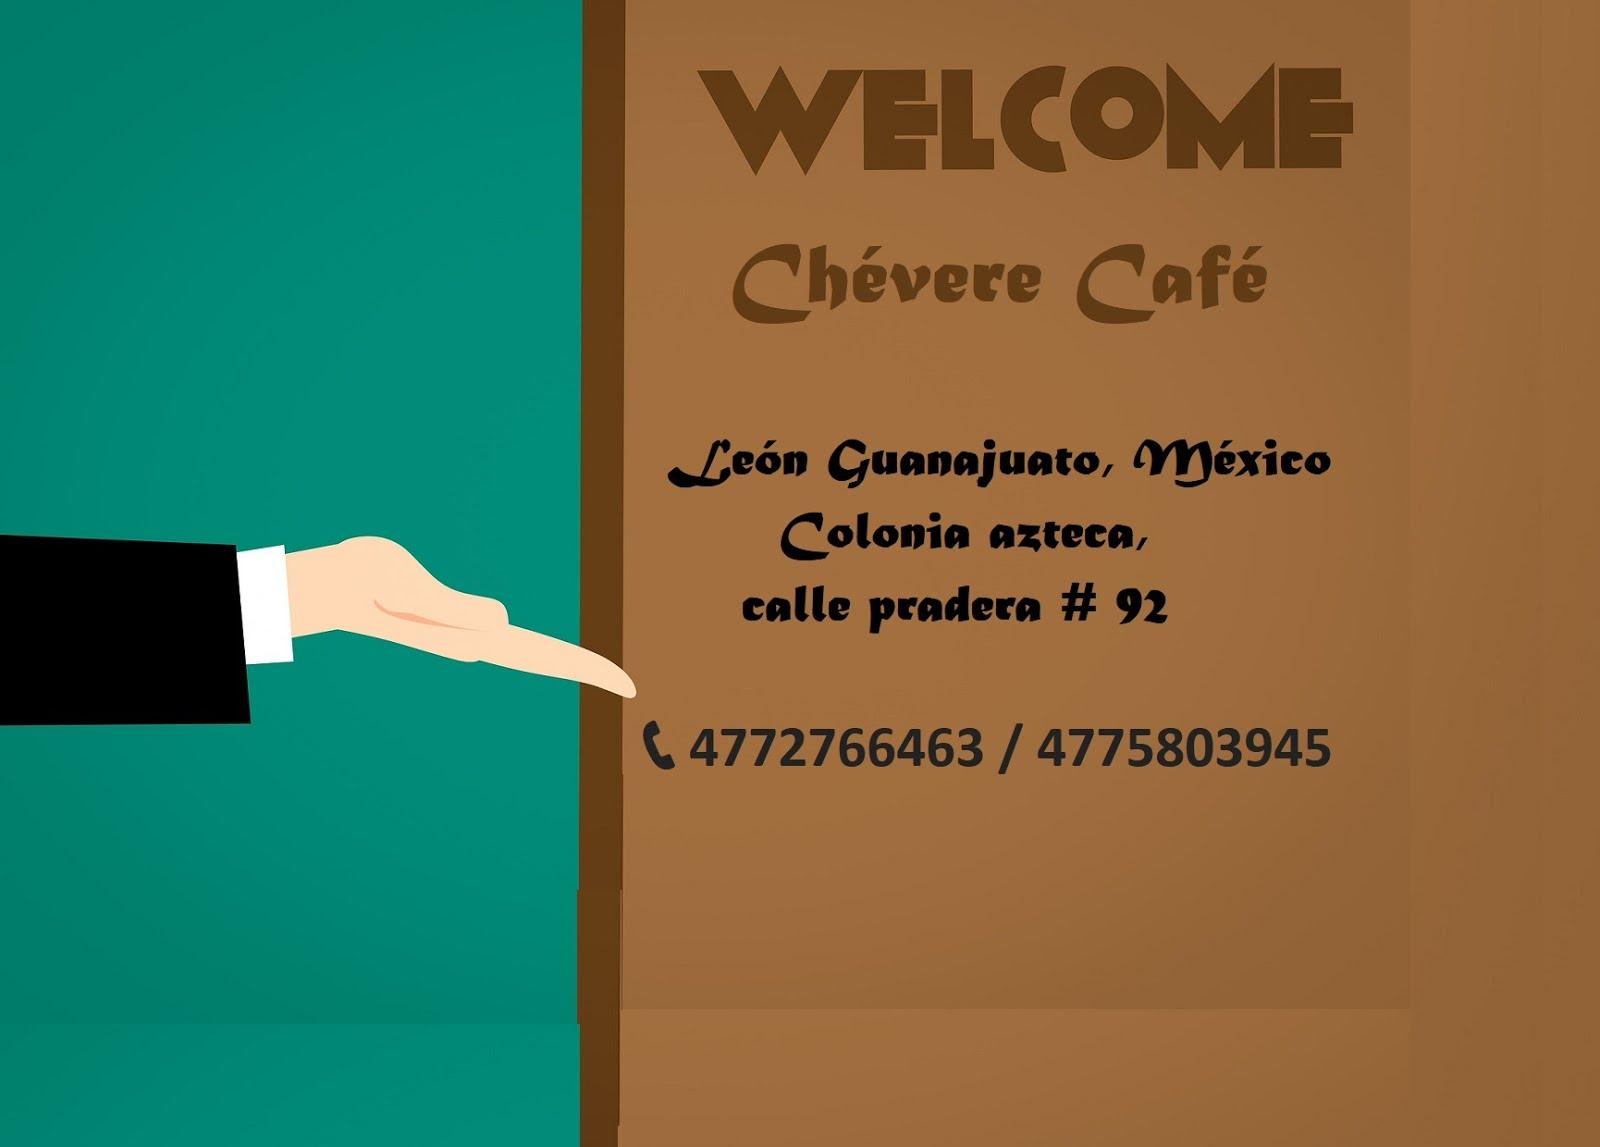 CHÉVERE CAFÉ